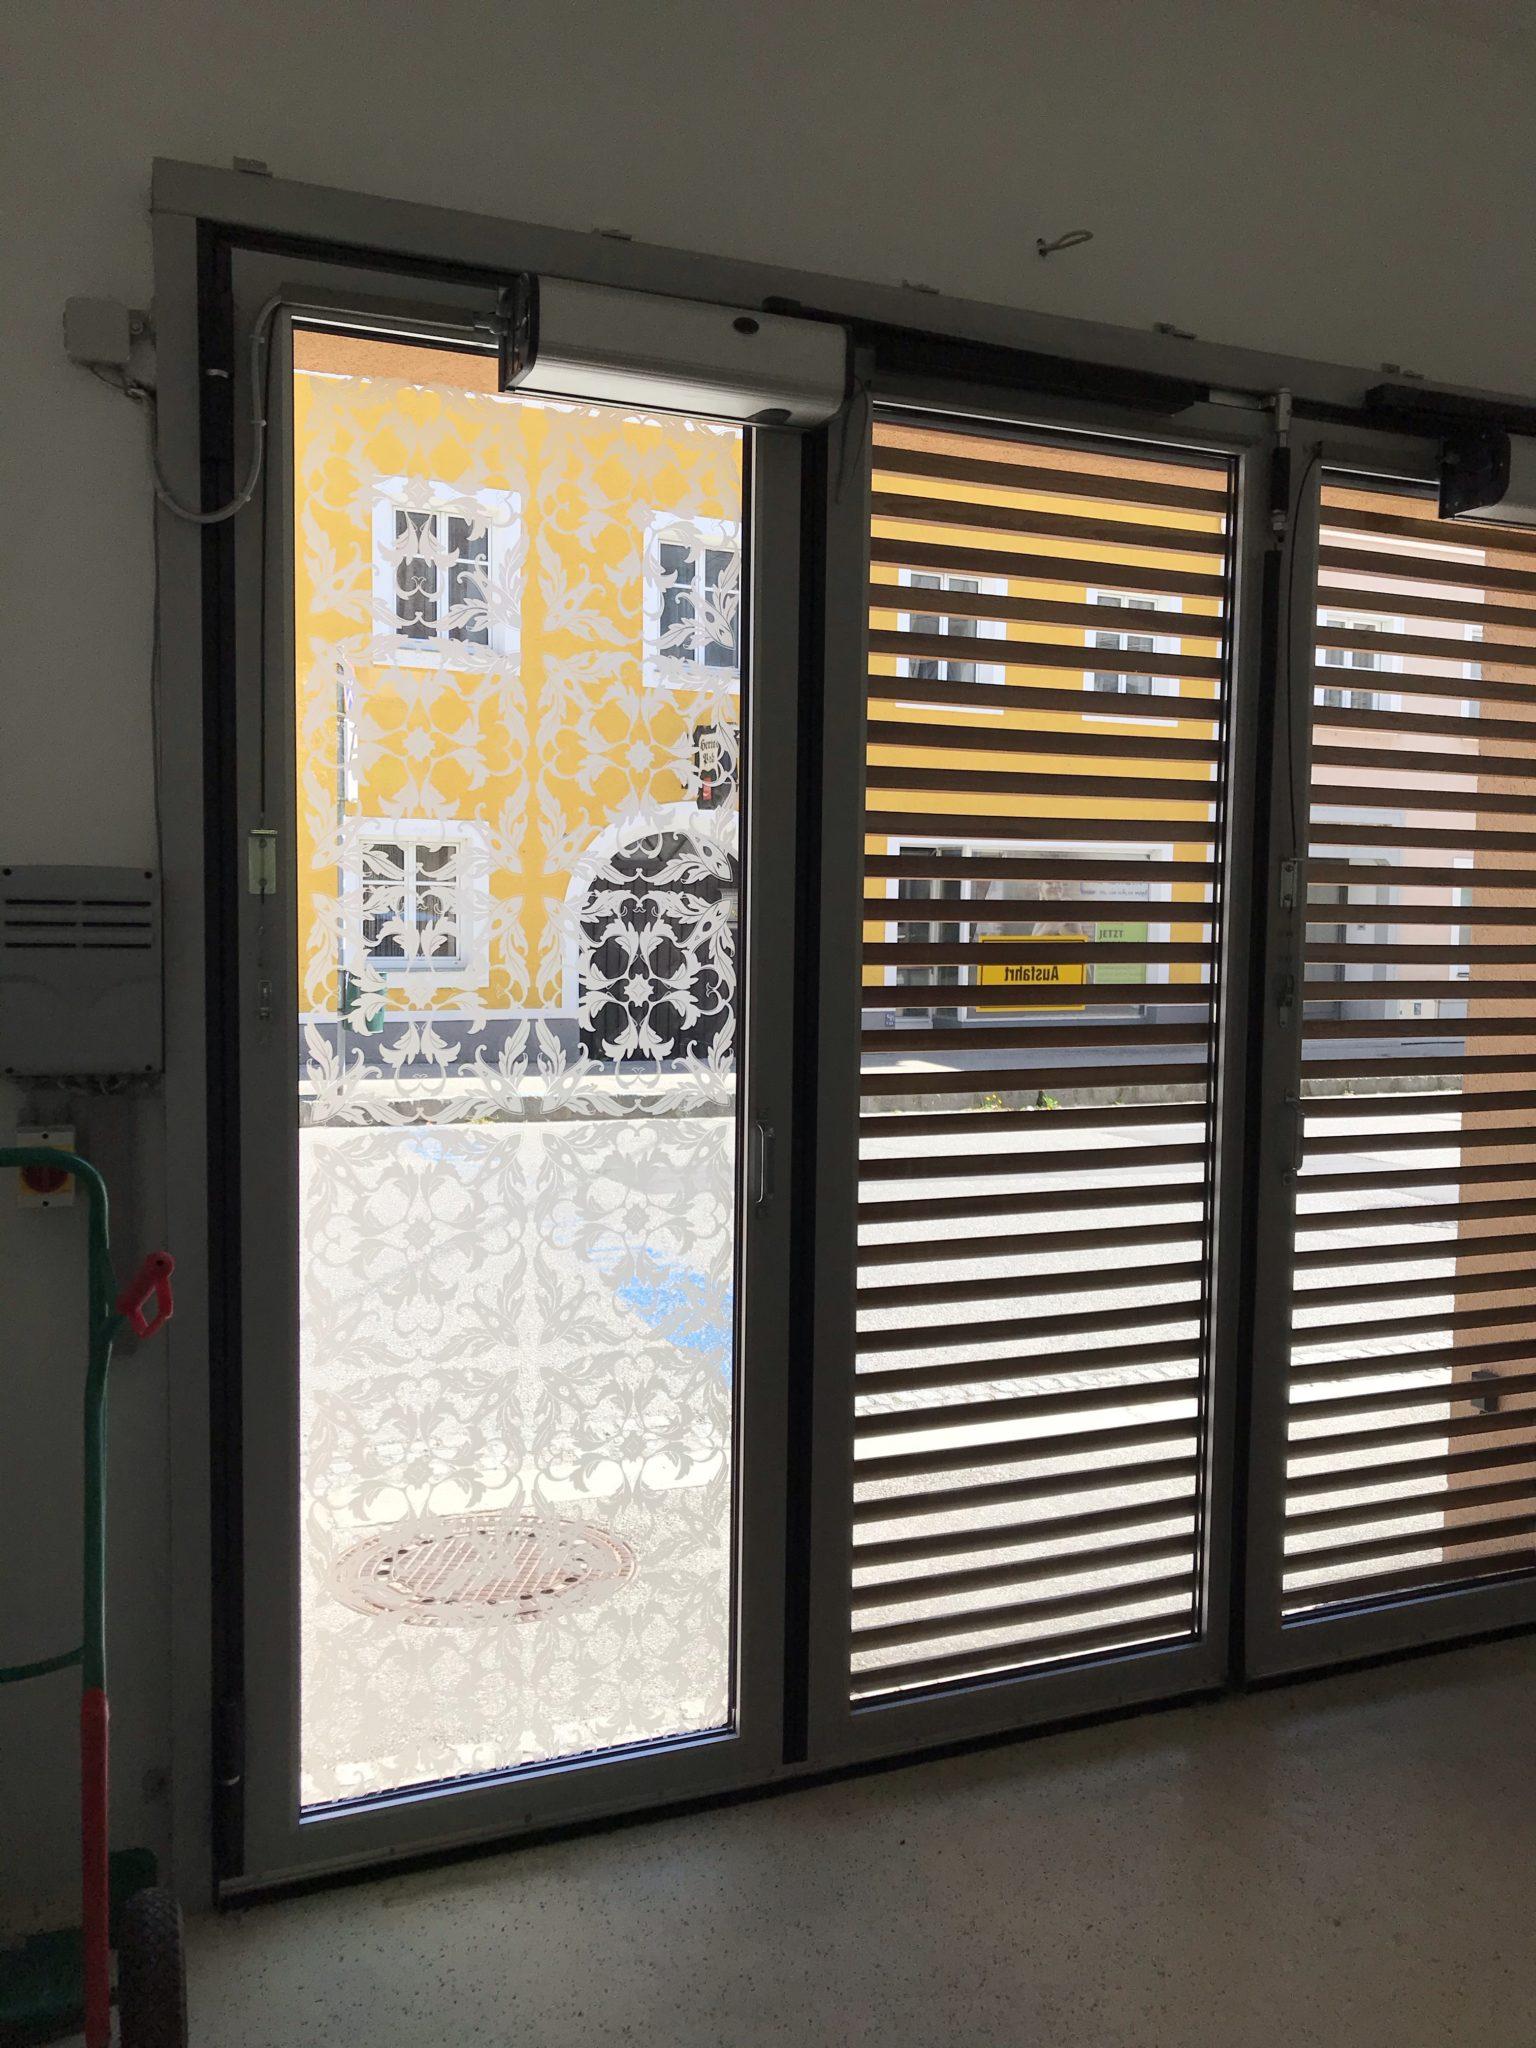 IMG 9128 - Sichtschutzfolie mit Ornamenten